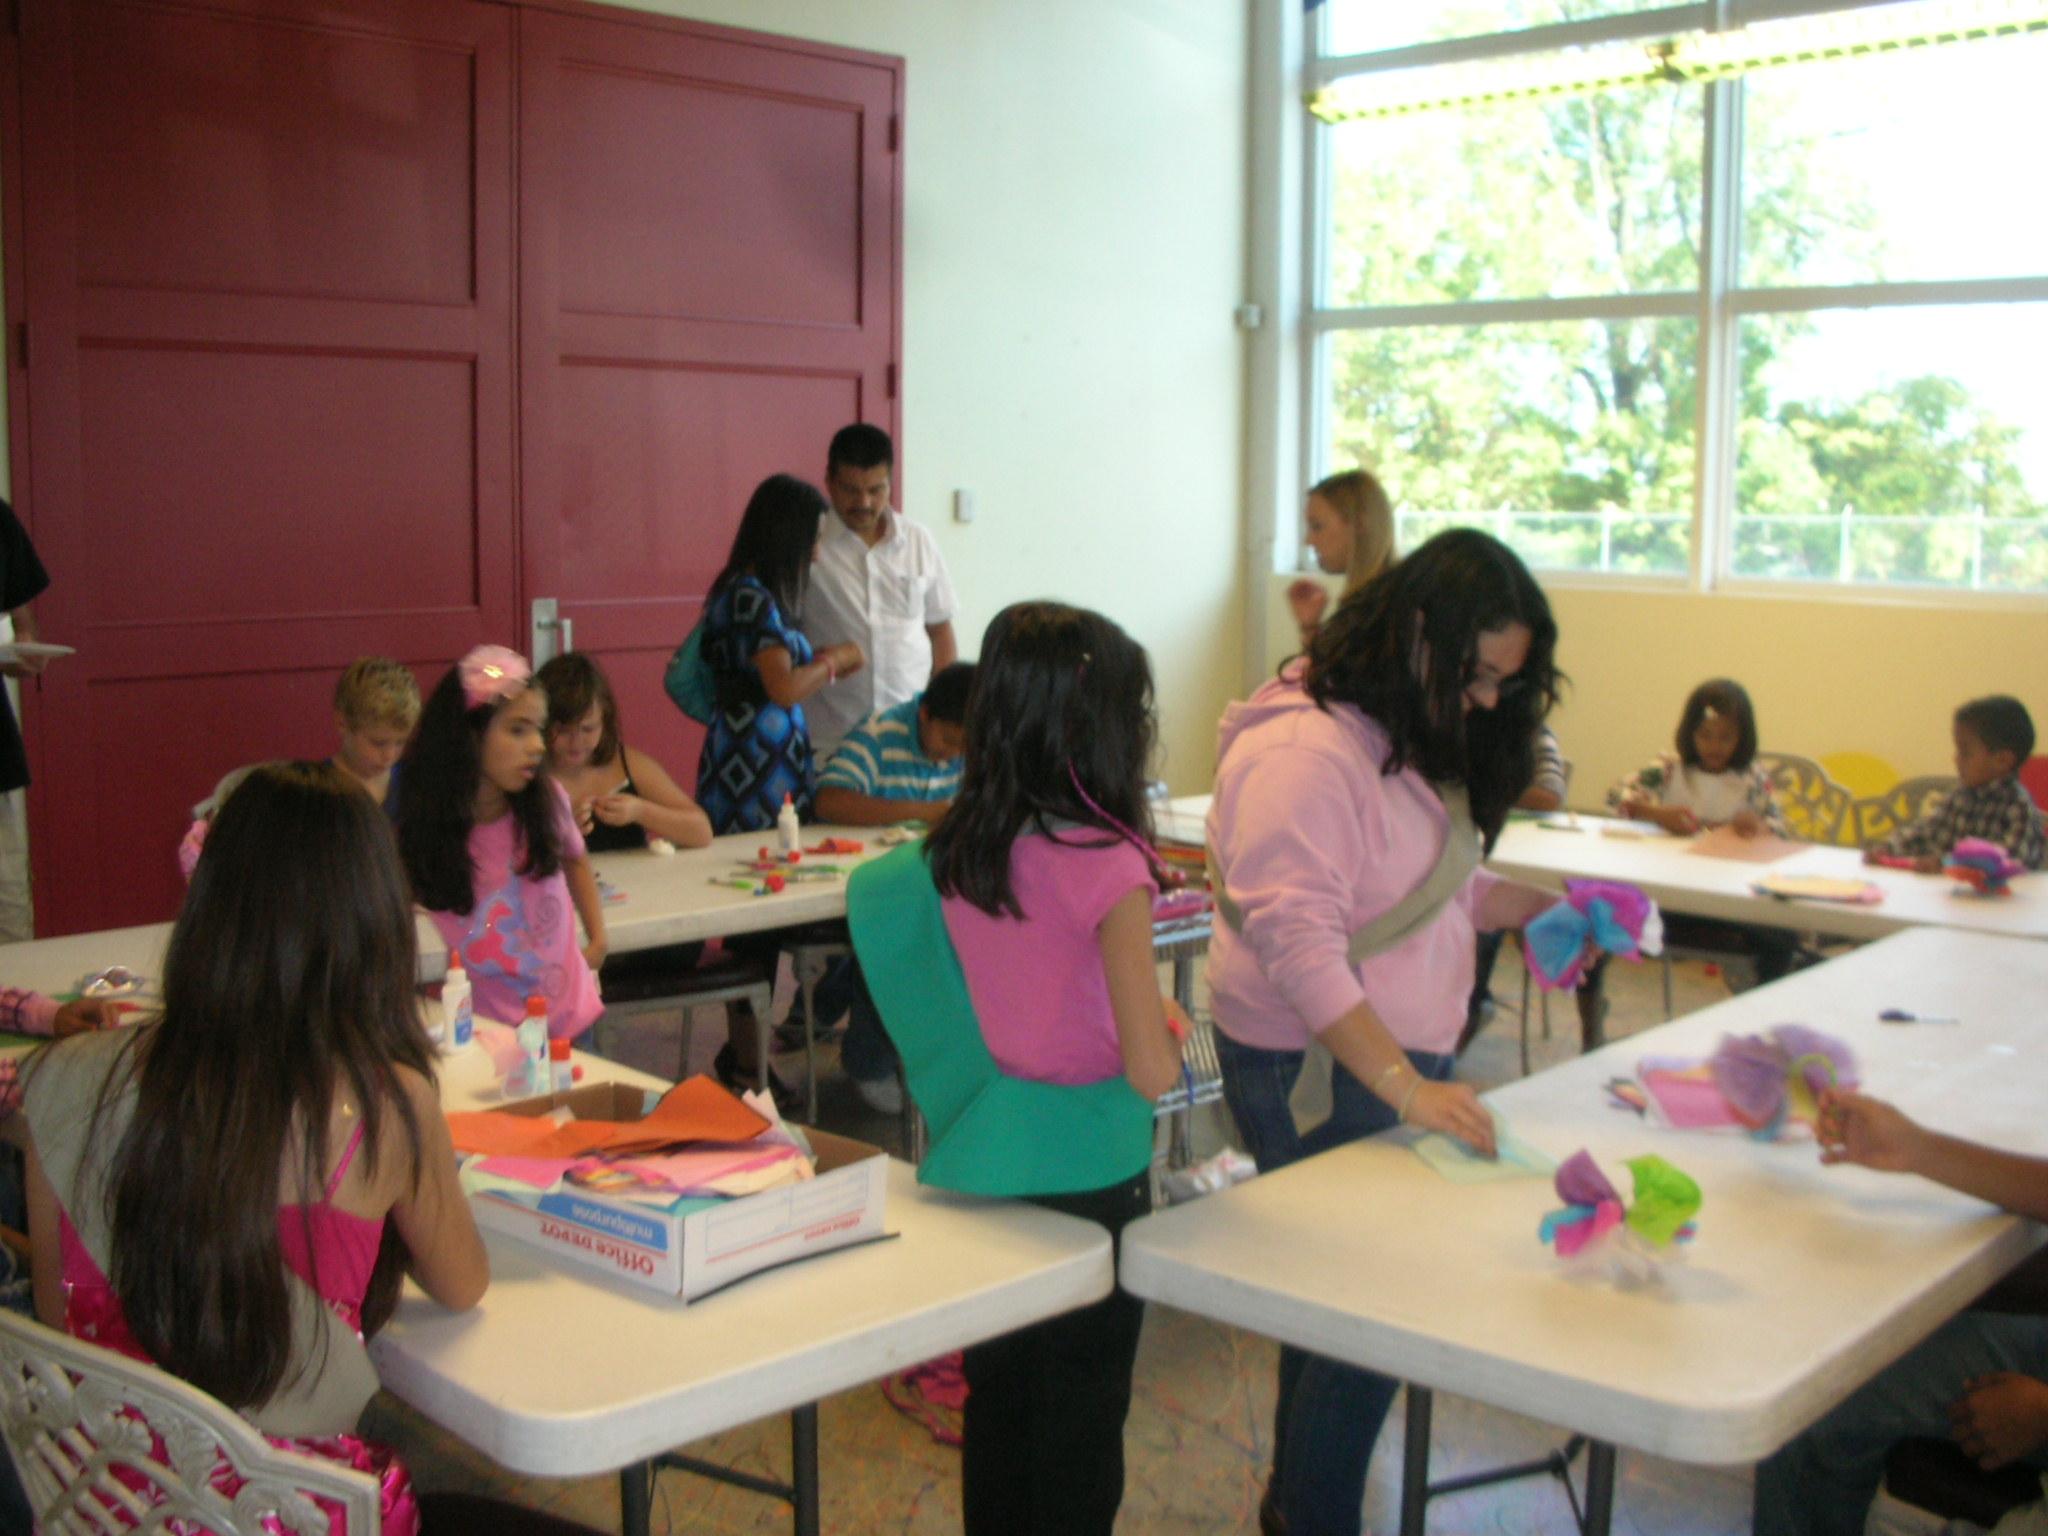 children's activities 5.JPG